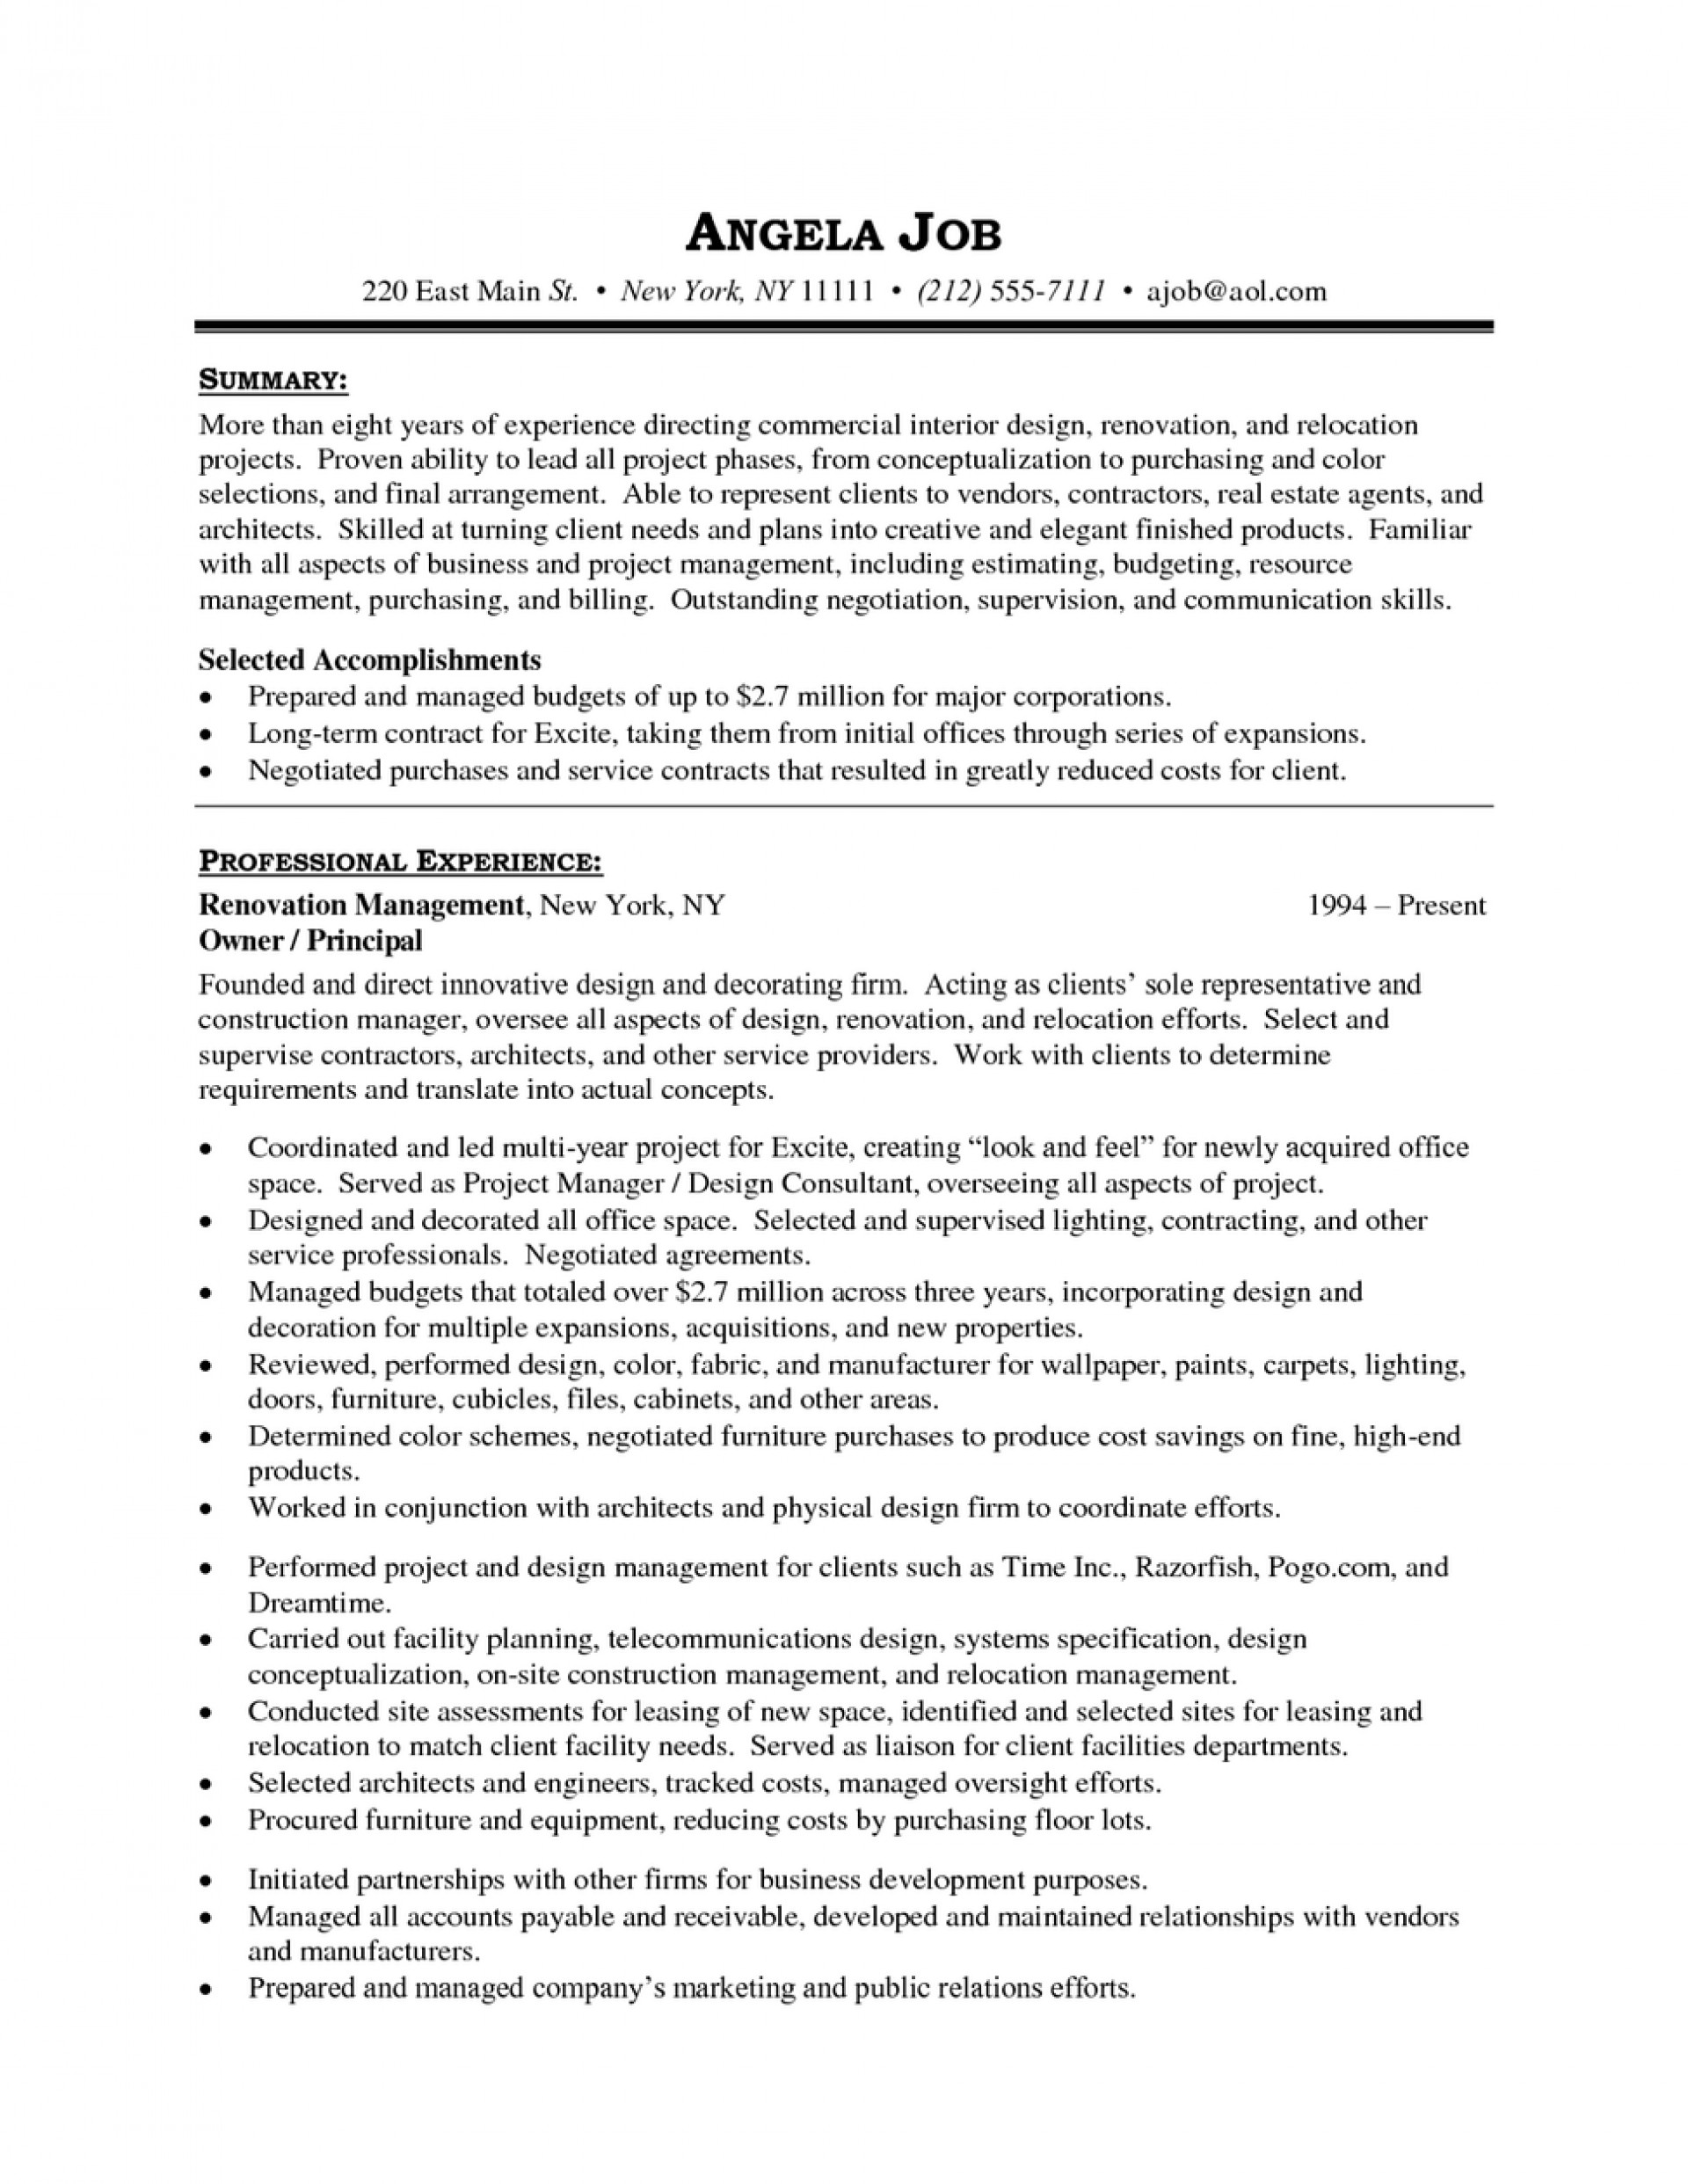 017 Adoption Essay Persuasive Speech Outline Topics Personal Interior Design Assistant Resume Example Websites Career Designing Internships Unique Definition Writing Pdf Hero Success 1920